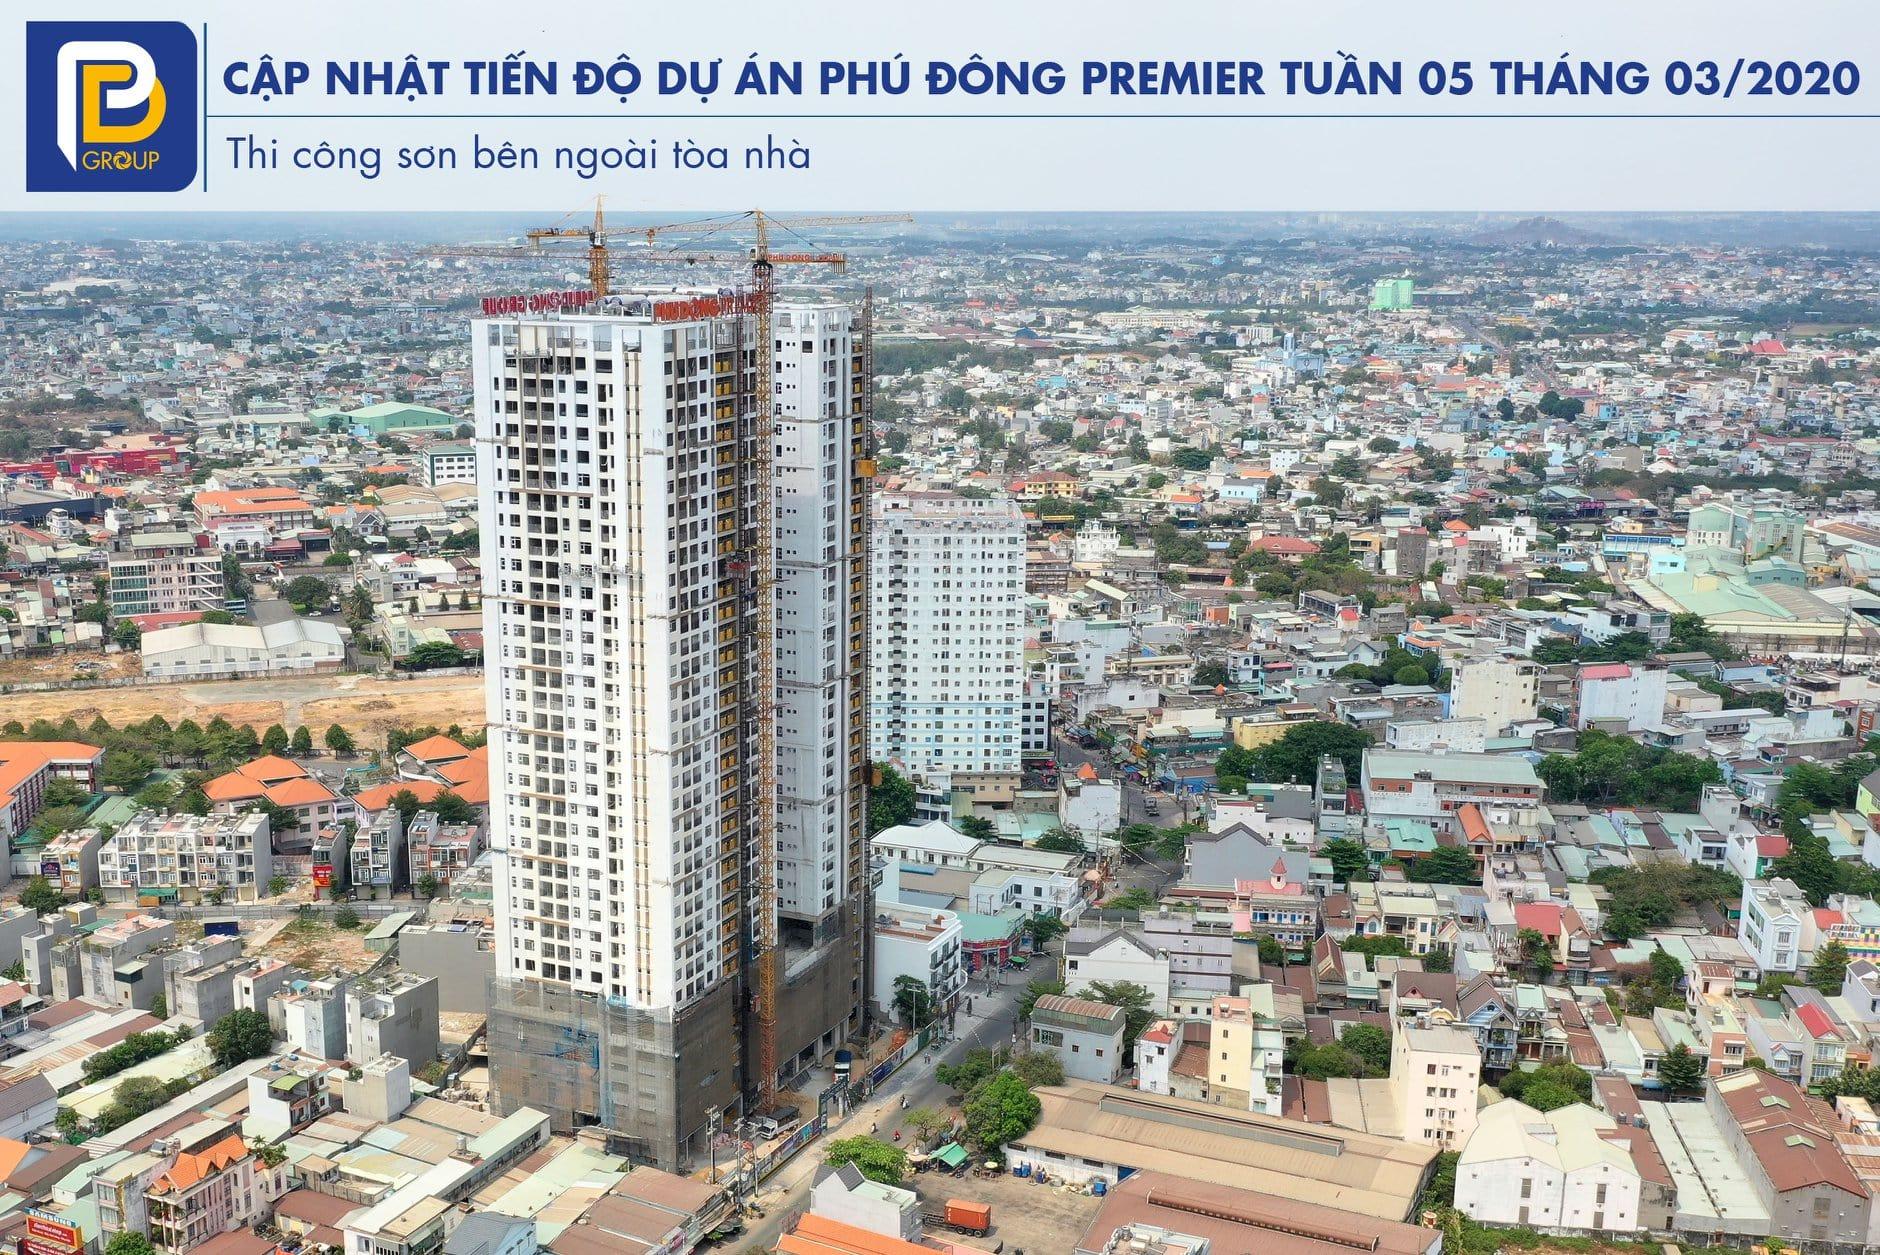 Một số hình ảnh thi công thực tế của Phú Đông Premier tháng 3/2020